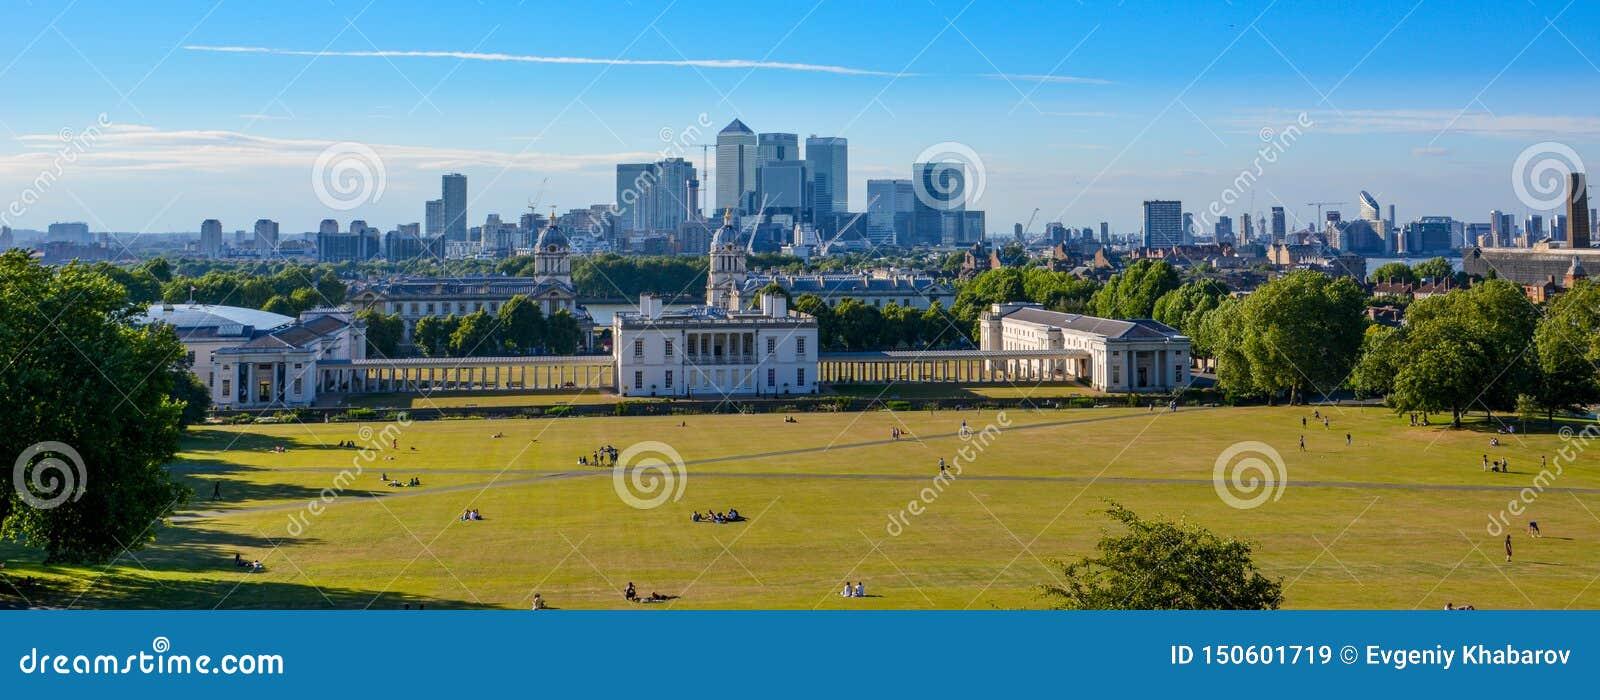 Άποψη εικονικής παράστασης πόλης πανοράματος από το Γκρήνουιτς, Λονδίνο, Αγγλία, UK